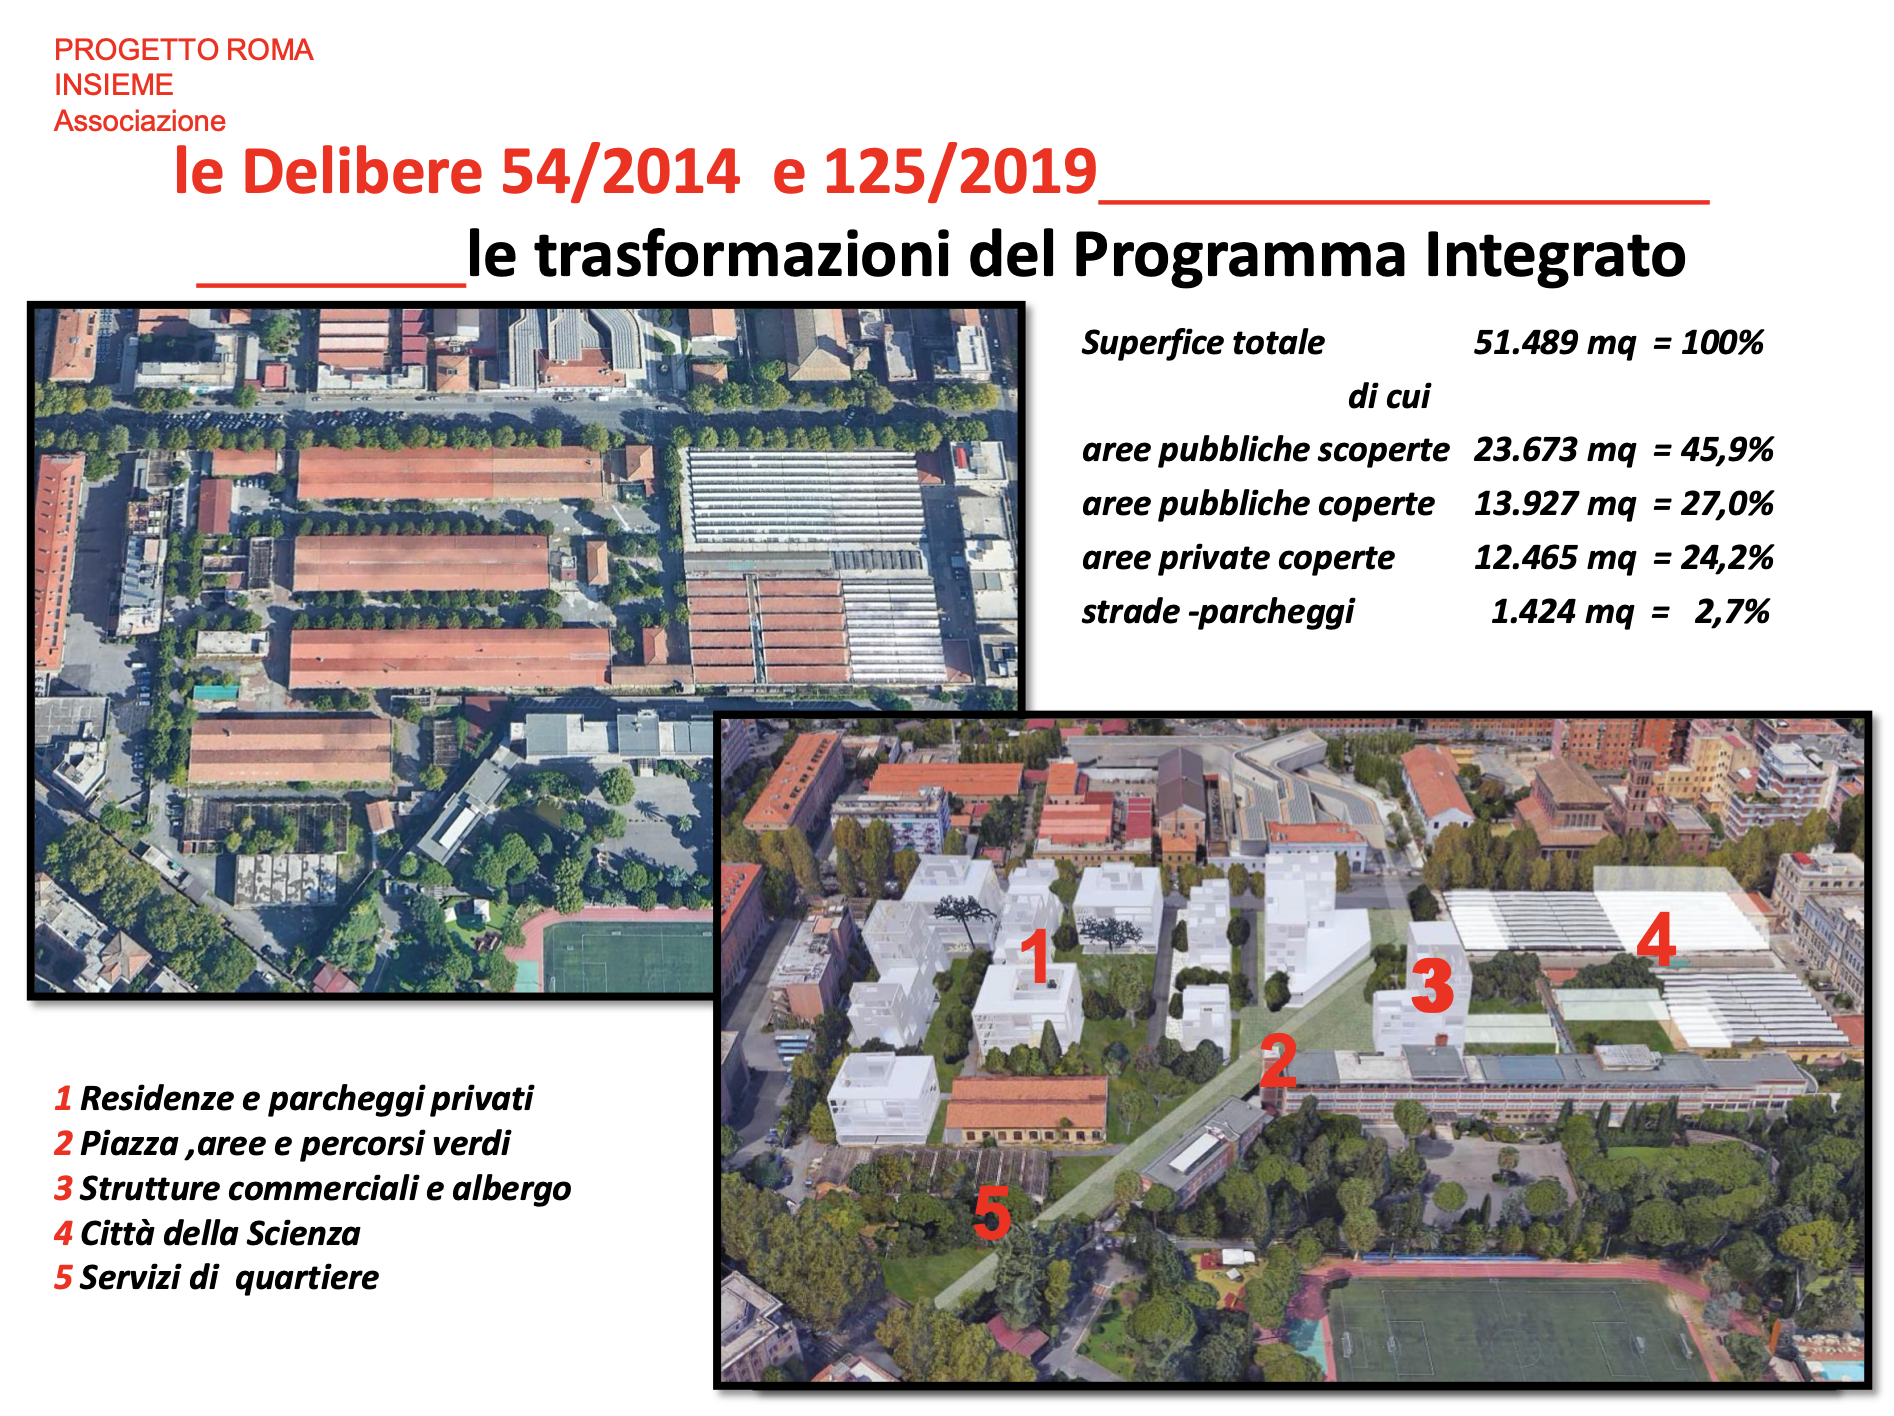 Ex stabilimenti Reni slide Progetto roma insieme 02